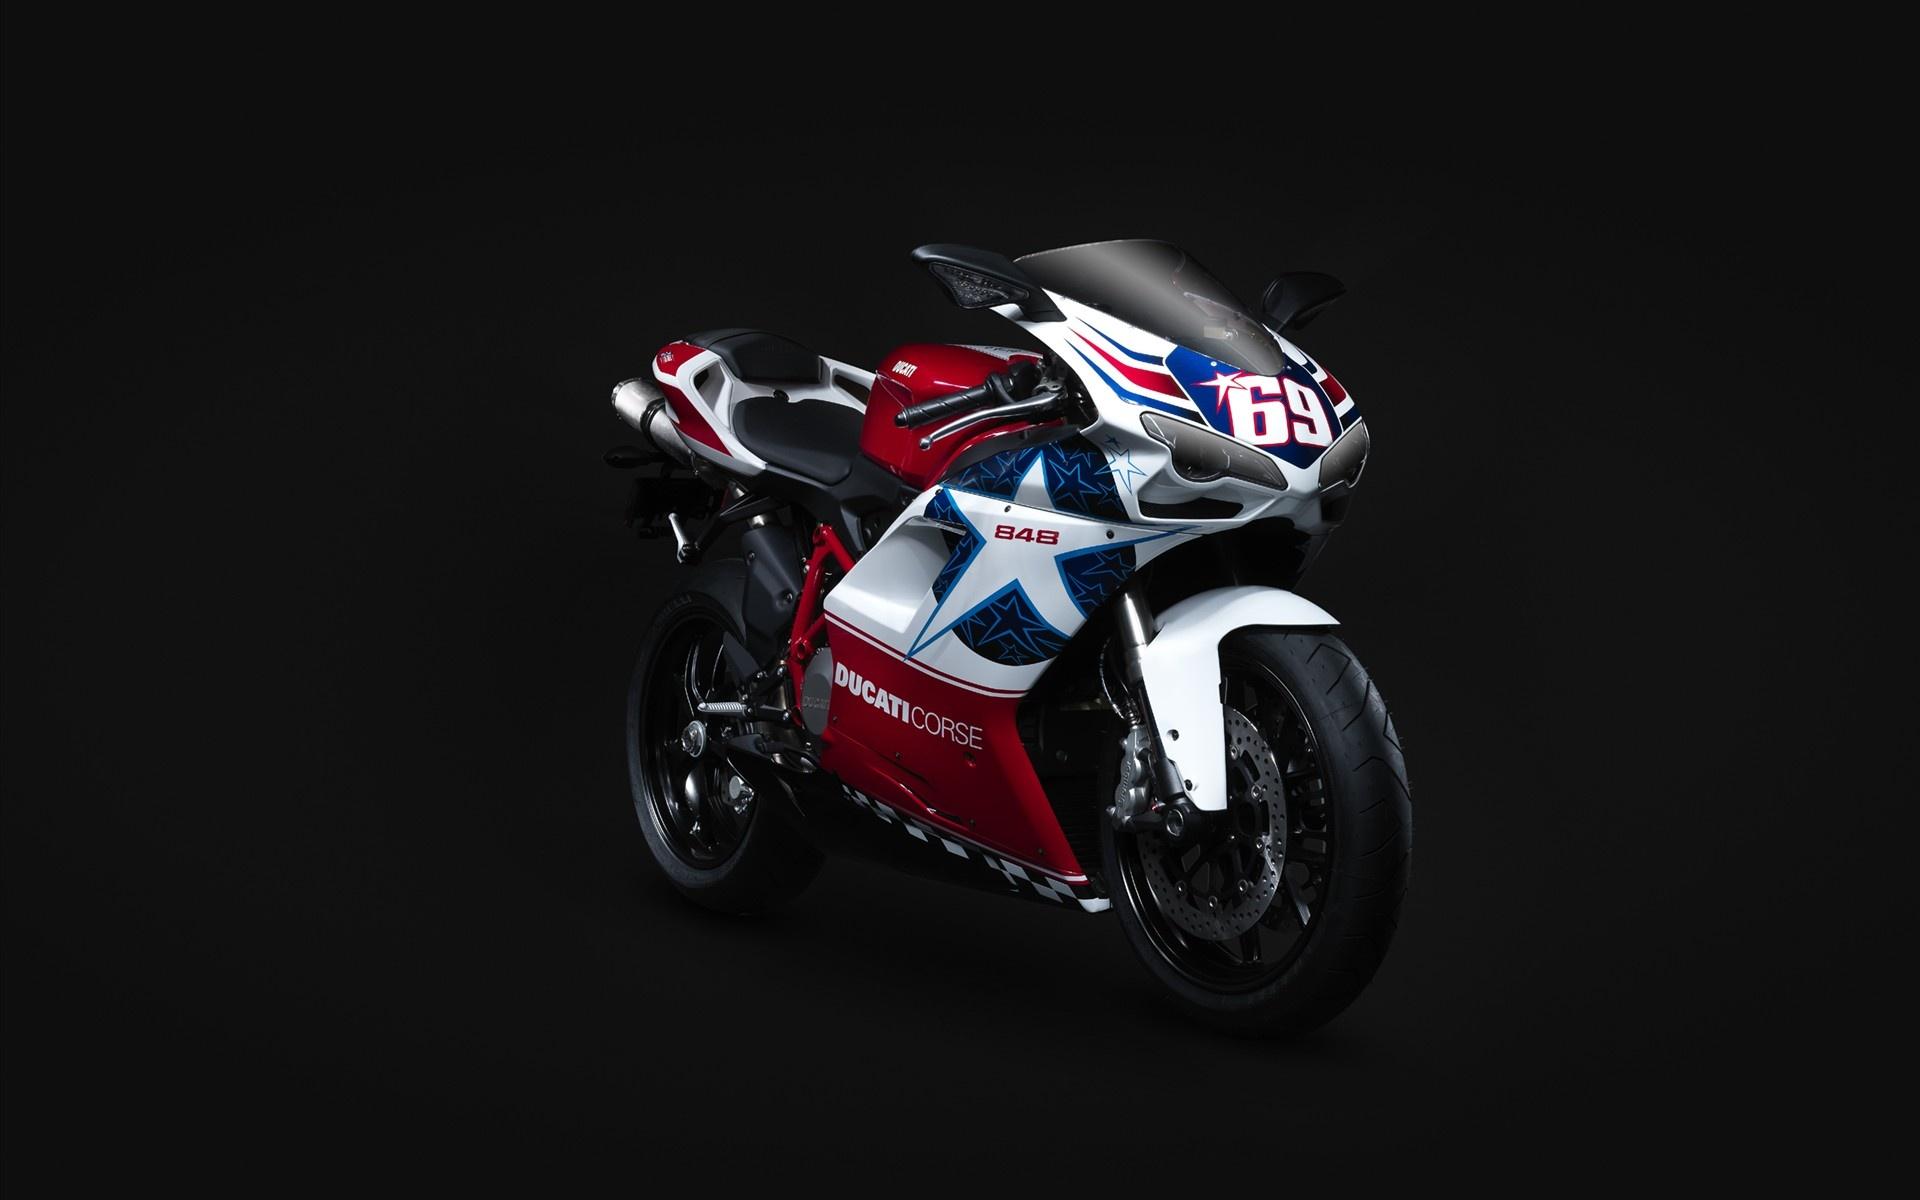 Ducati 848 Sports Bike